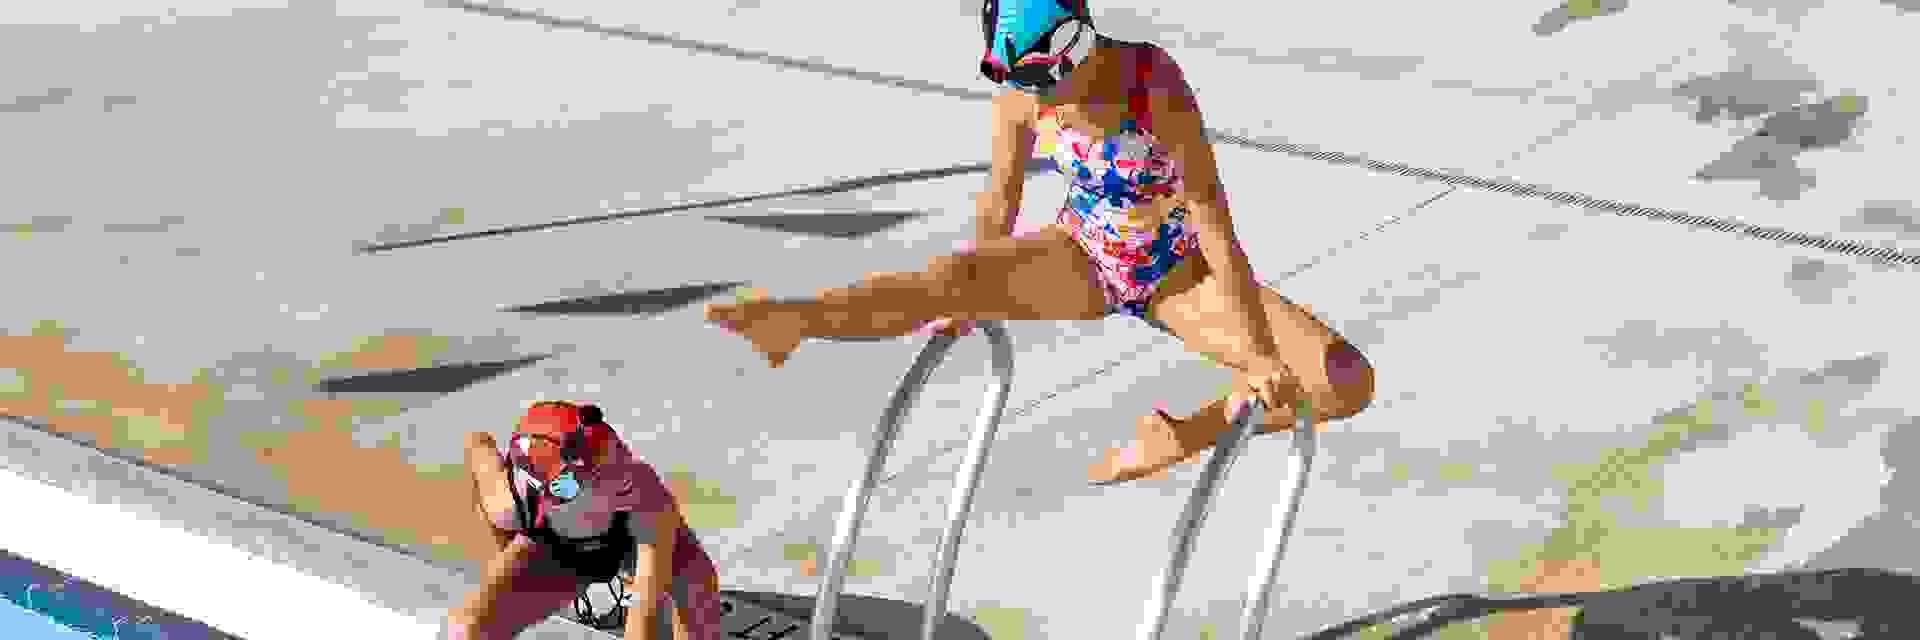 Bademode für Kinder bei SportScheck kaufen